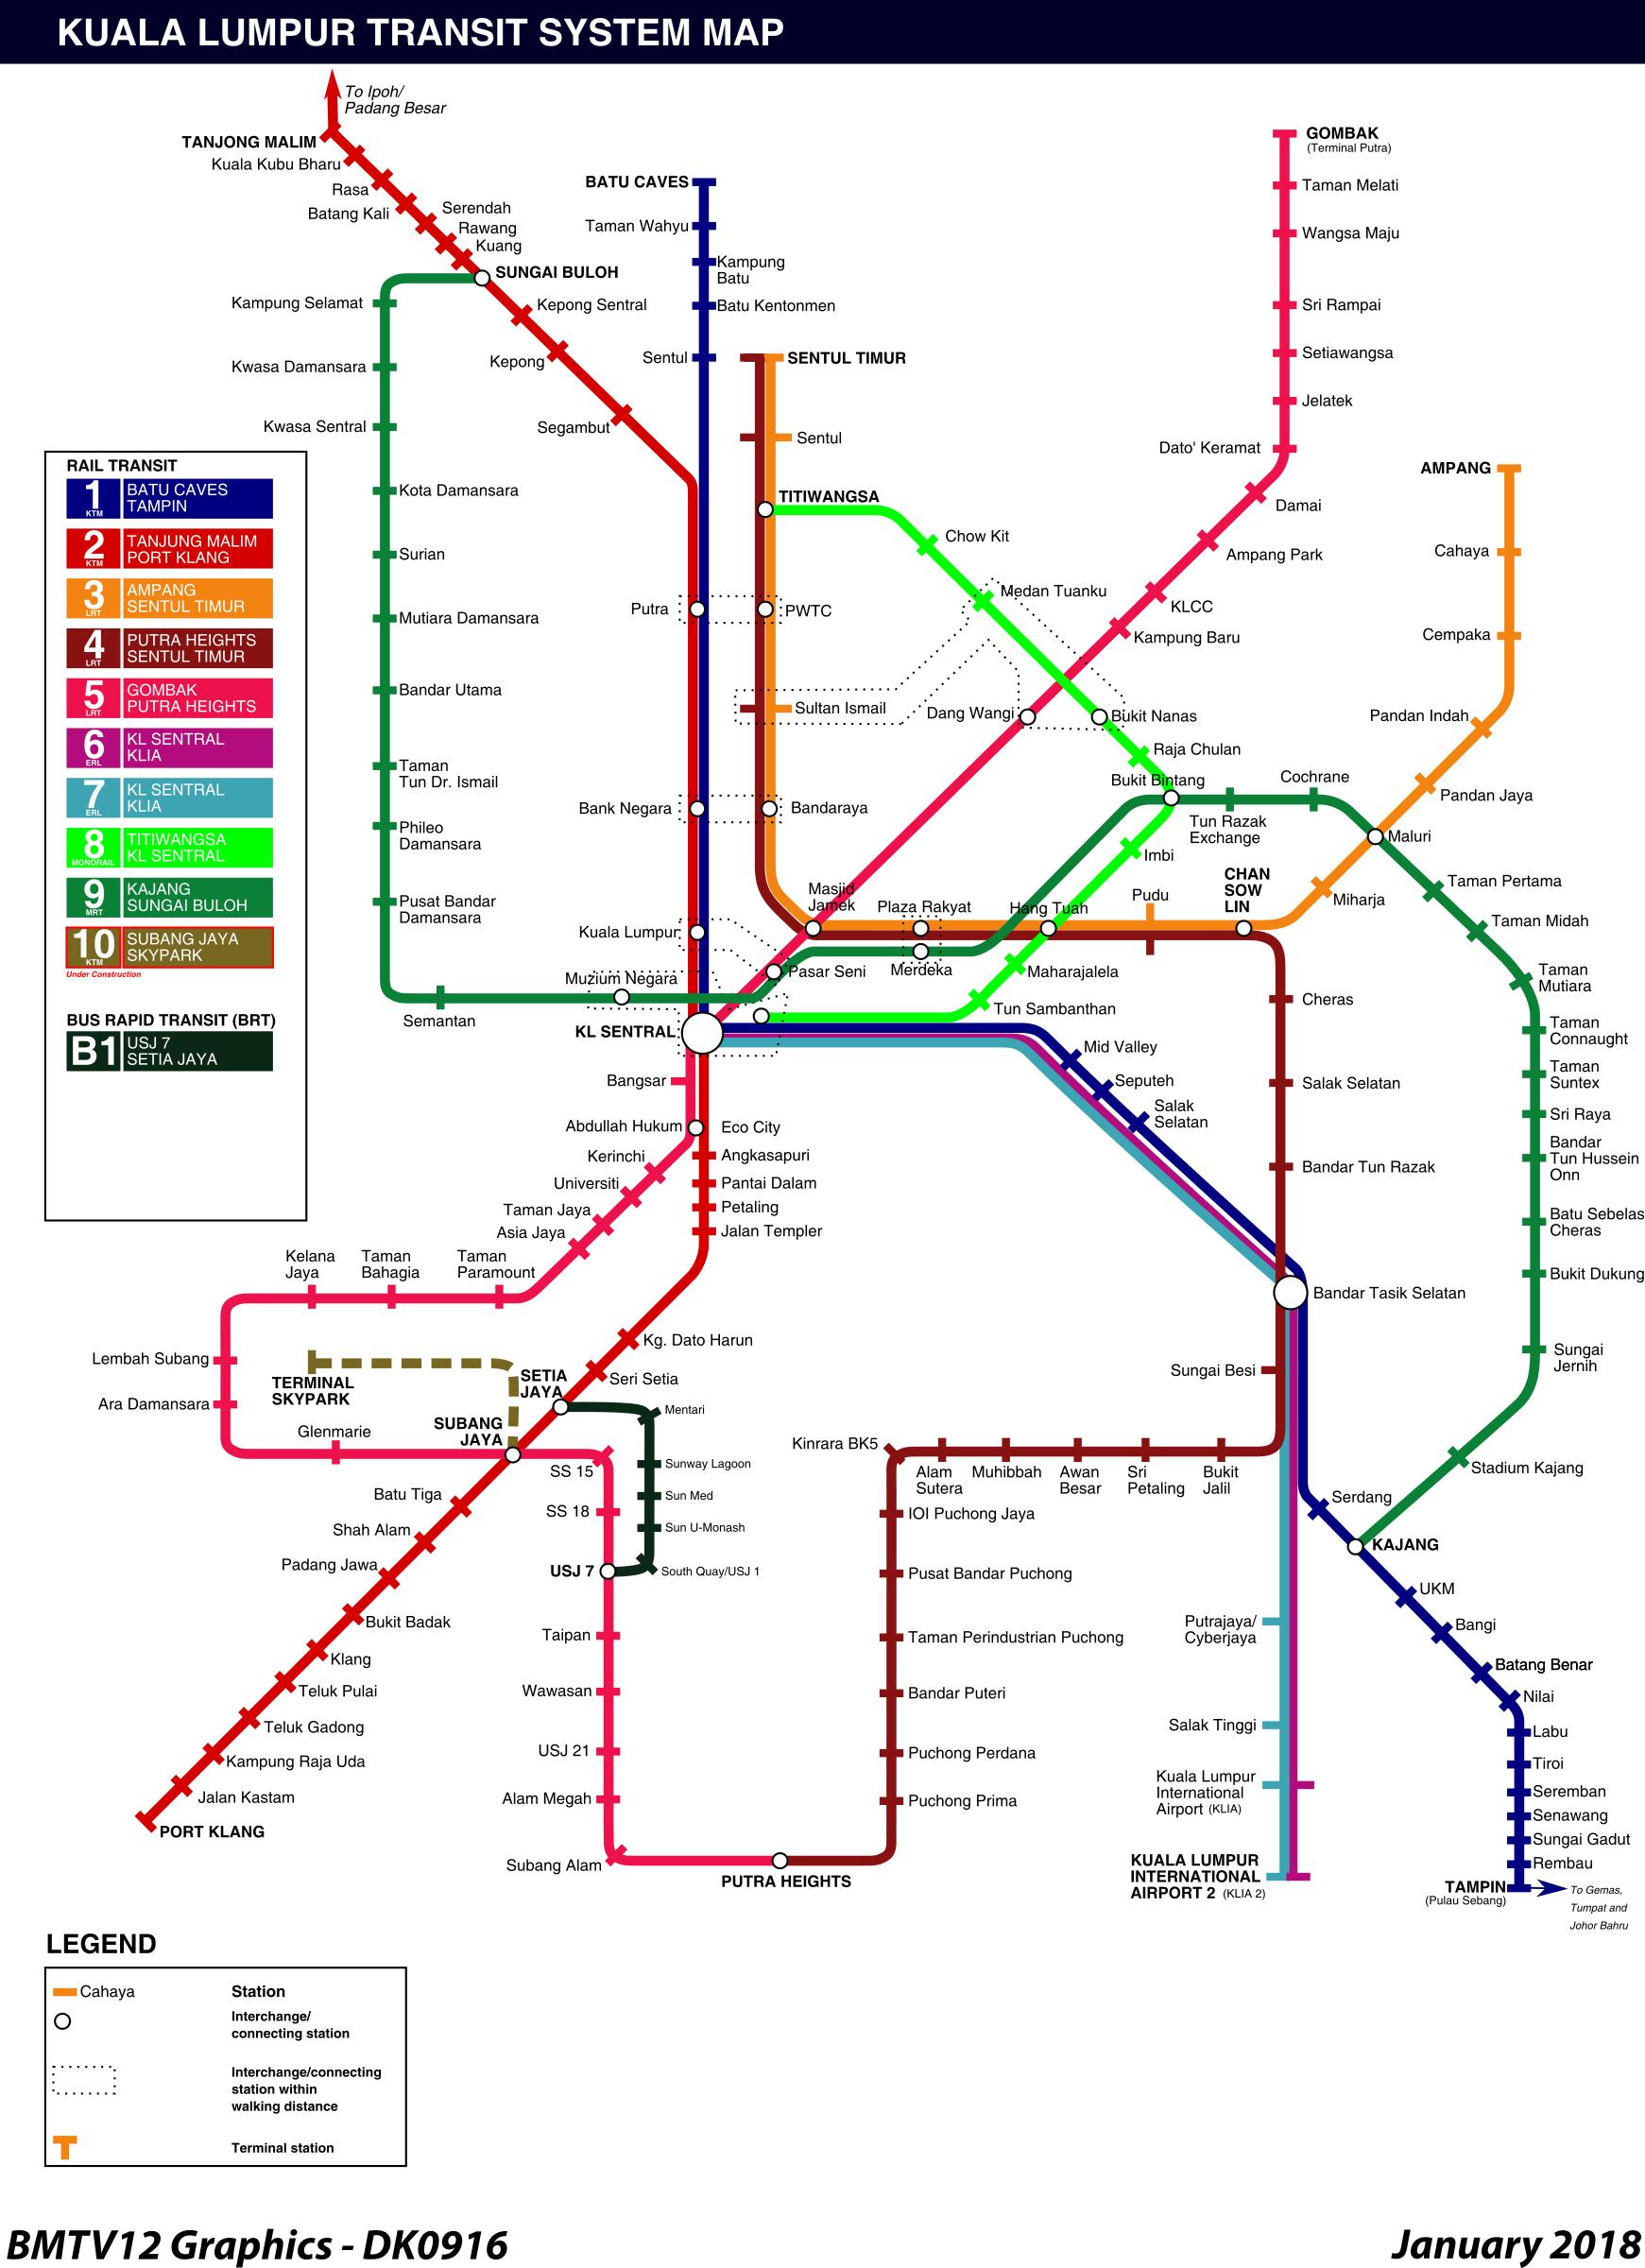 Clipart Kuala LumpurSelangor Rail Transit Map